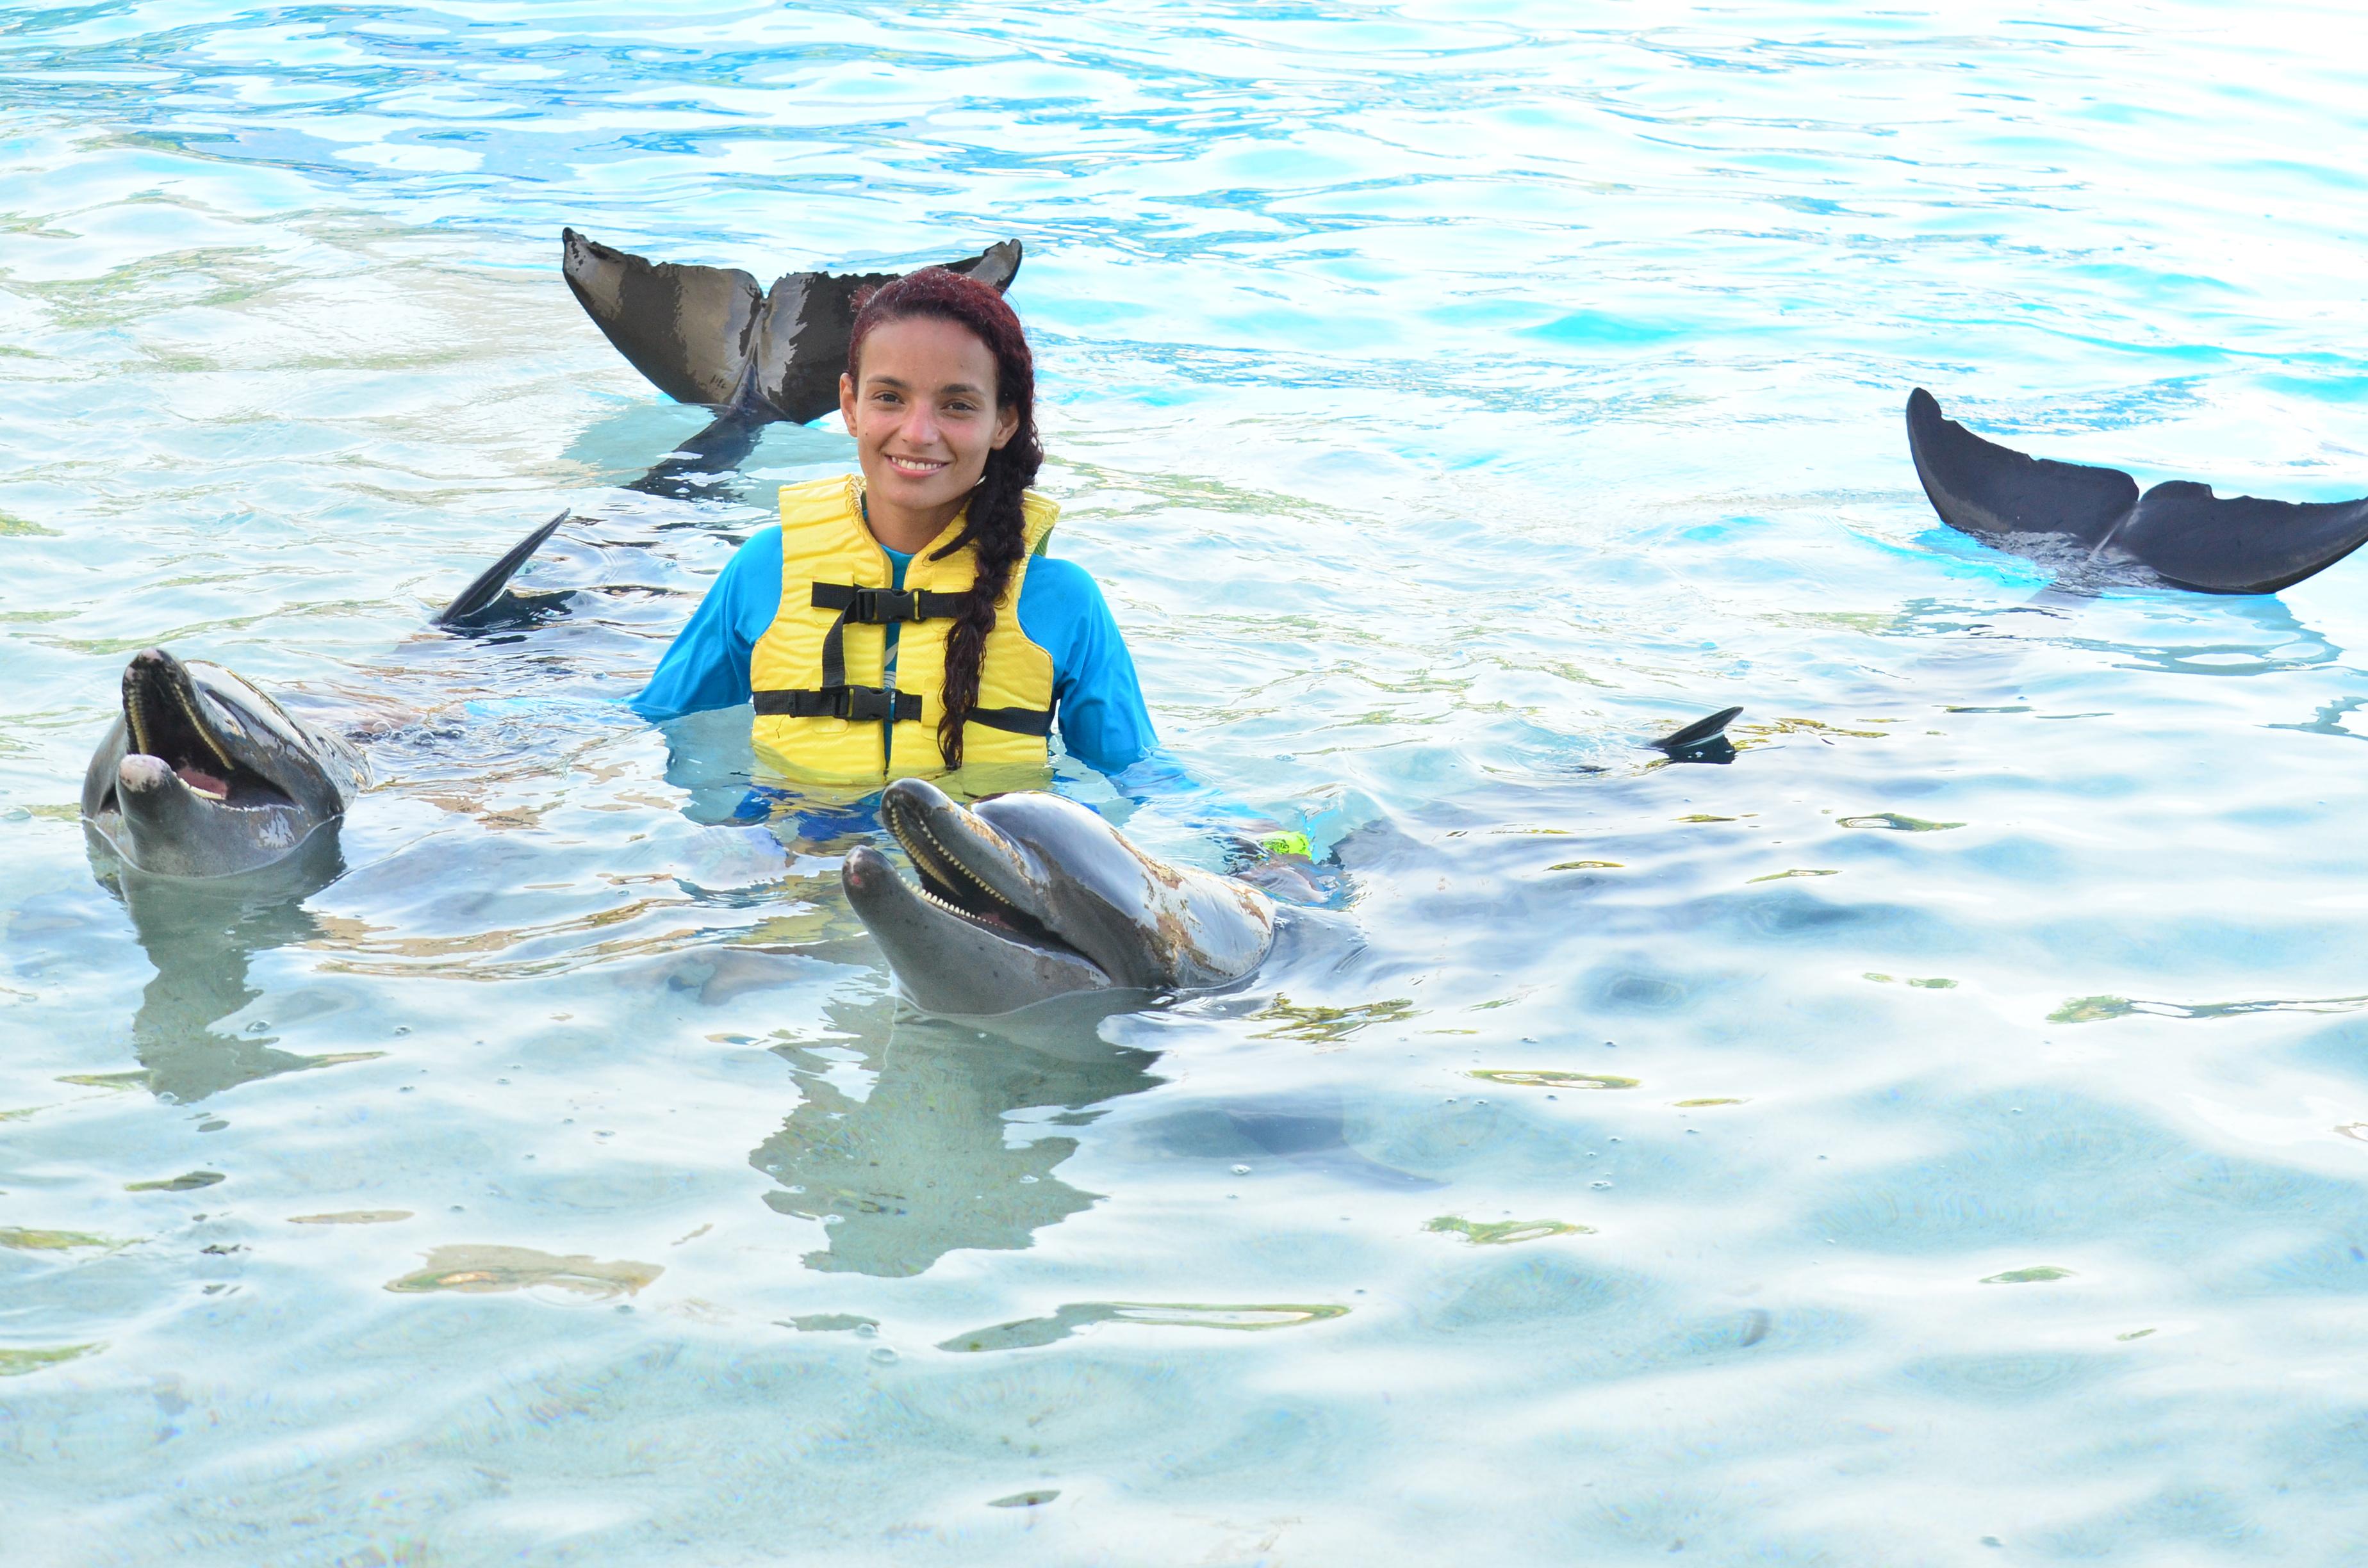 ¡Nadar con delfines puede ser una triple aventura!